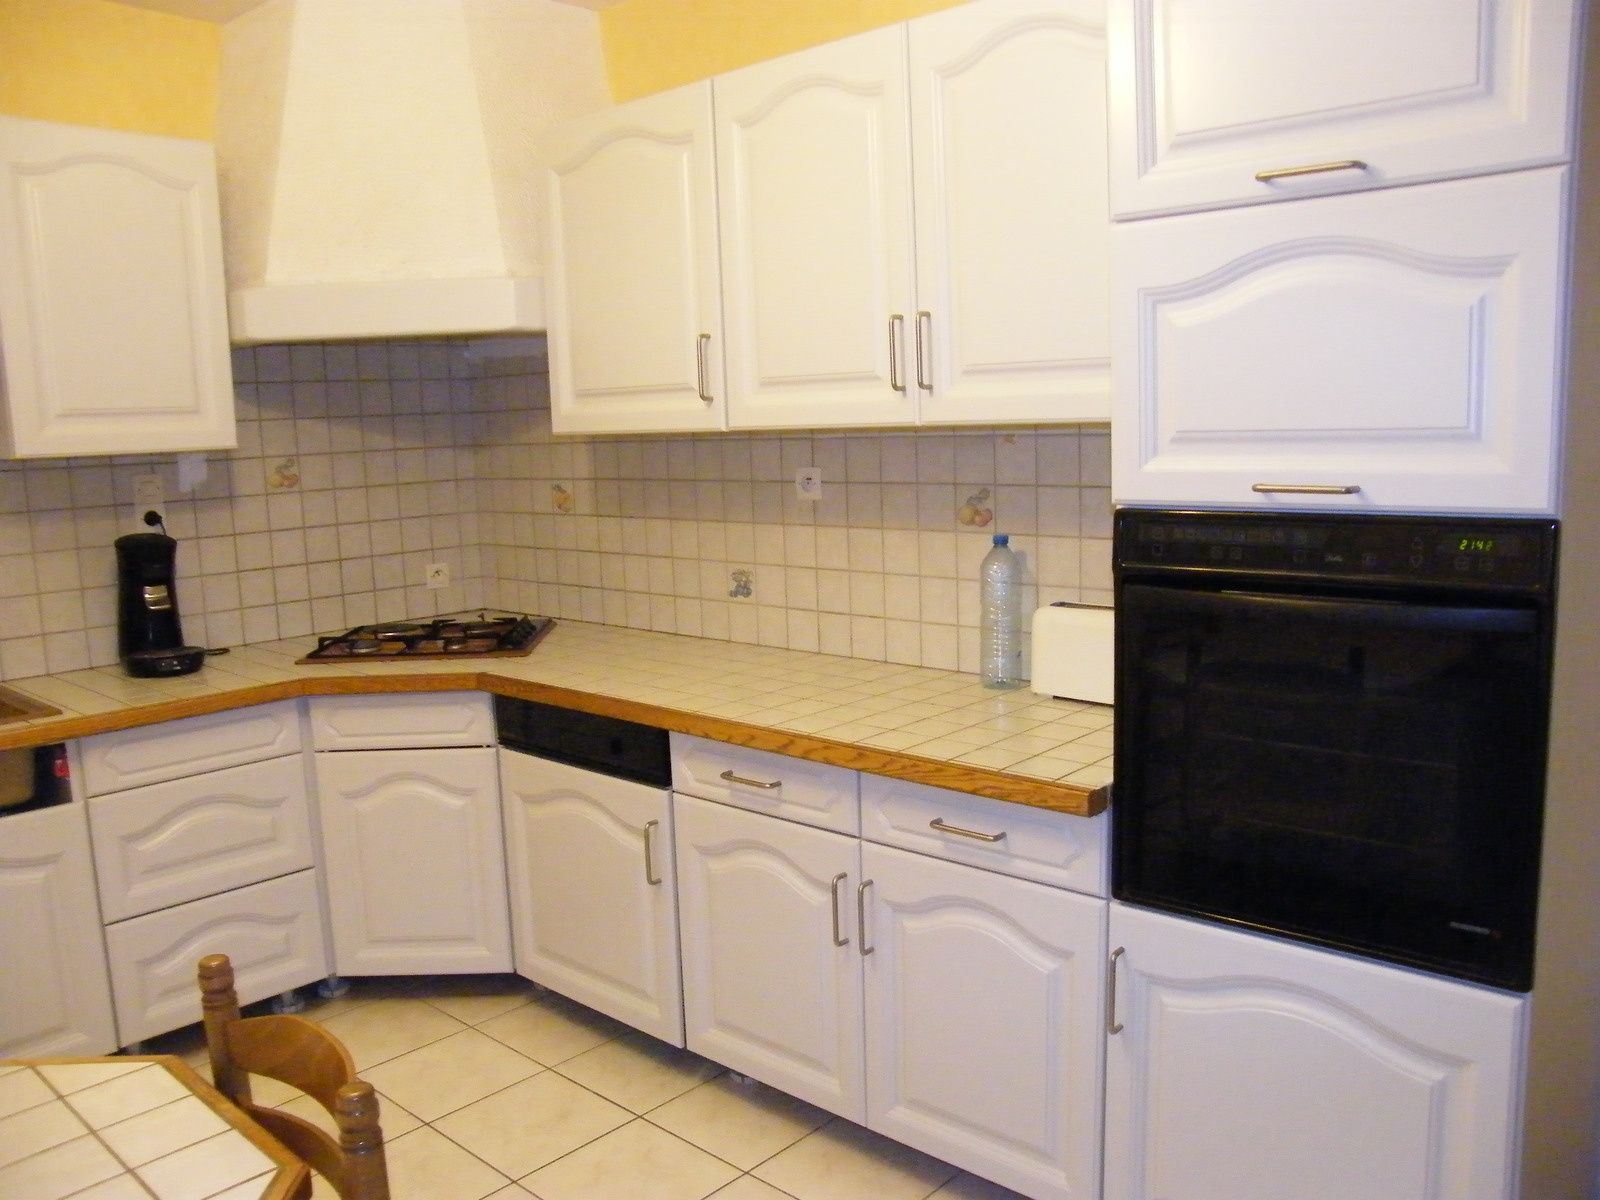 r nover une cuisine comment repeindre une cuisine en. Black Bedroom Furniture Sets. Home Design Ideas